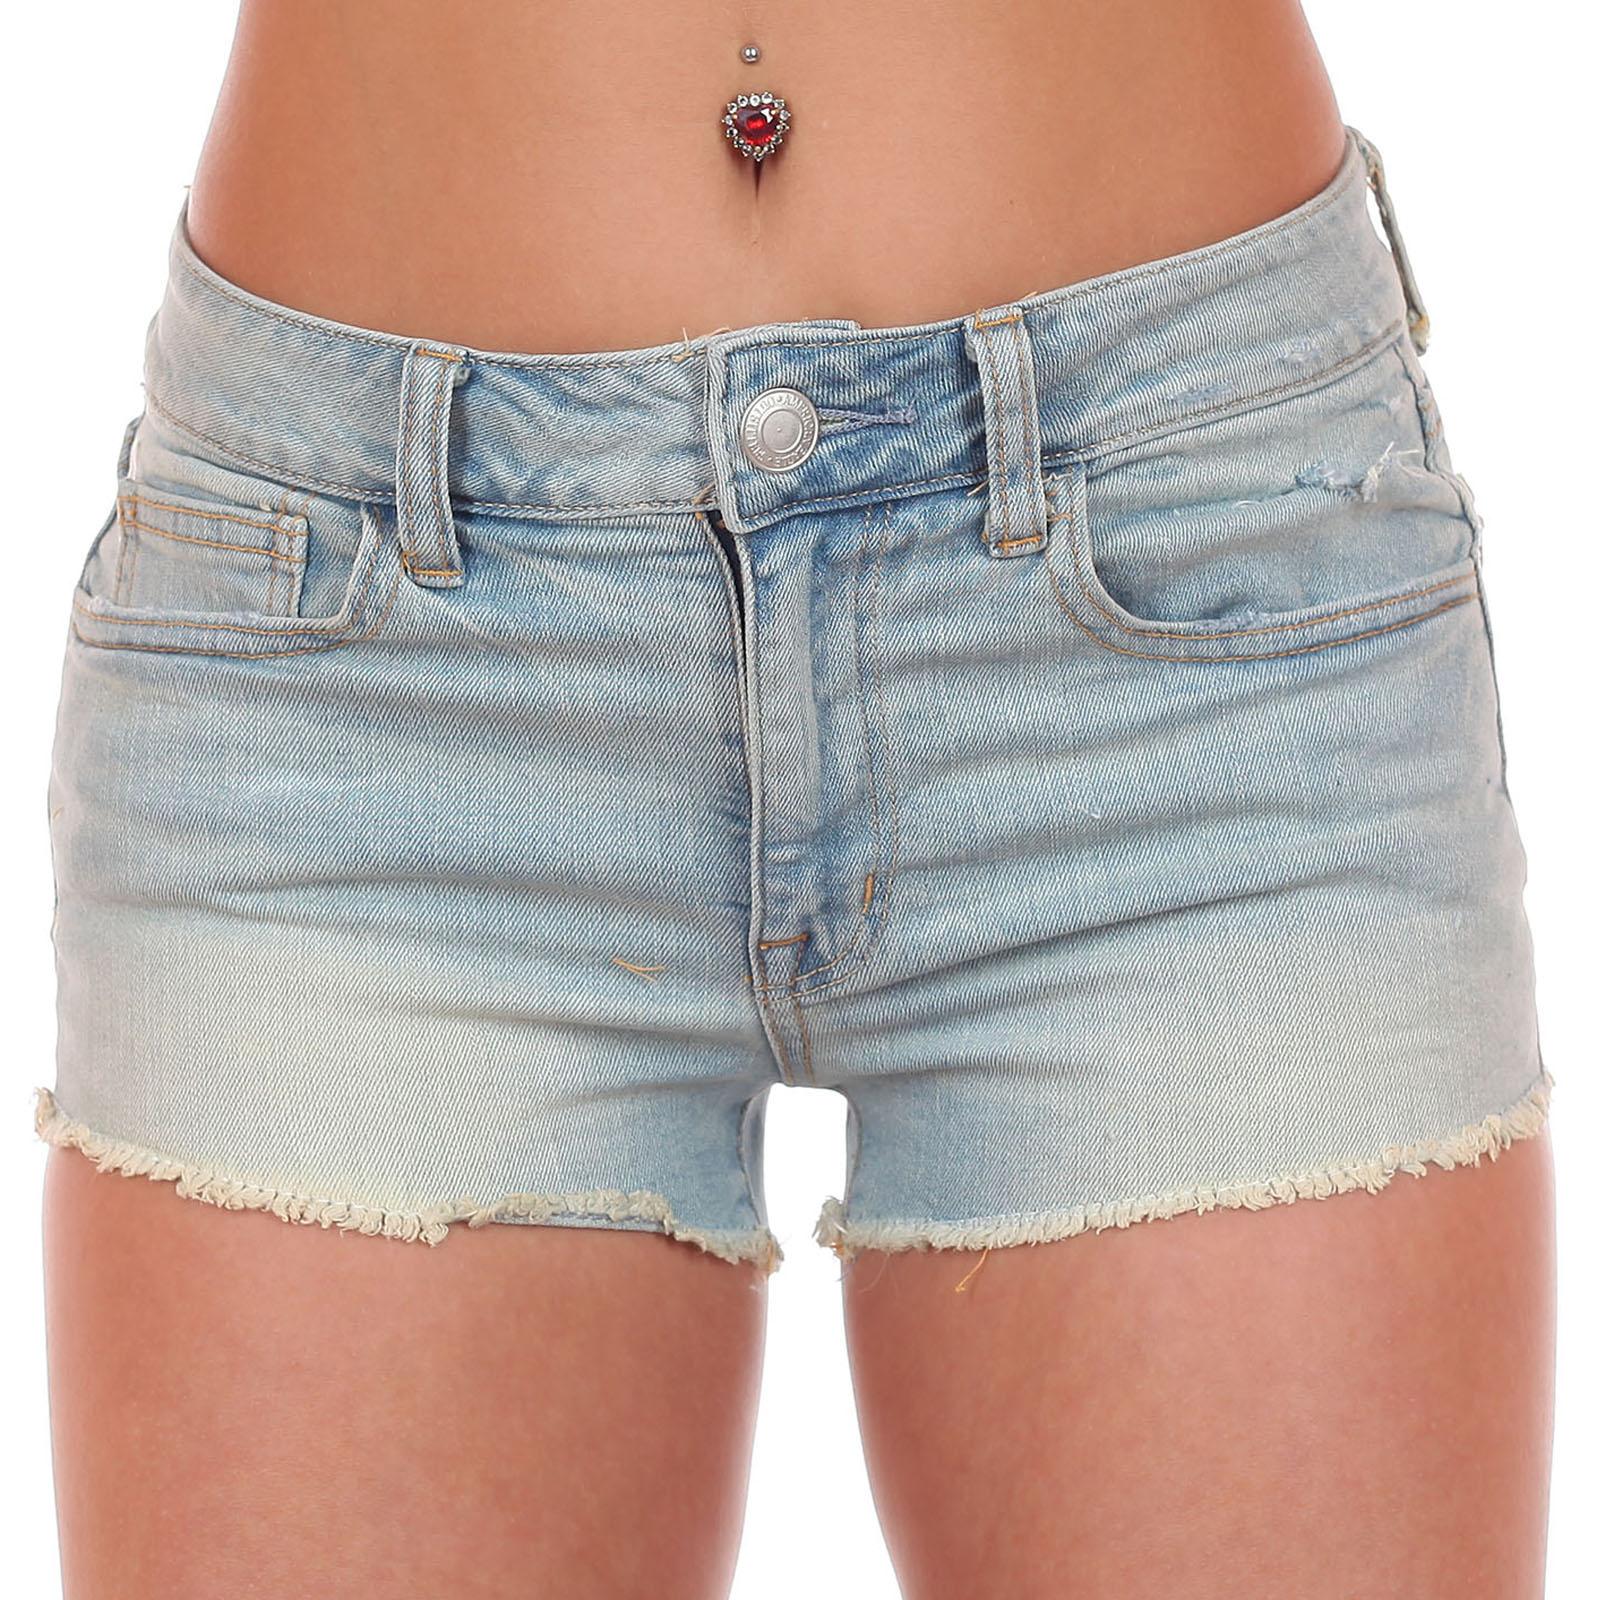 Сногсшибательные джинсовые шортики